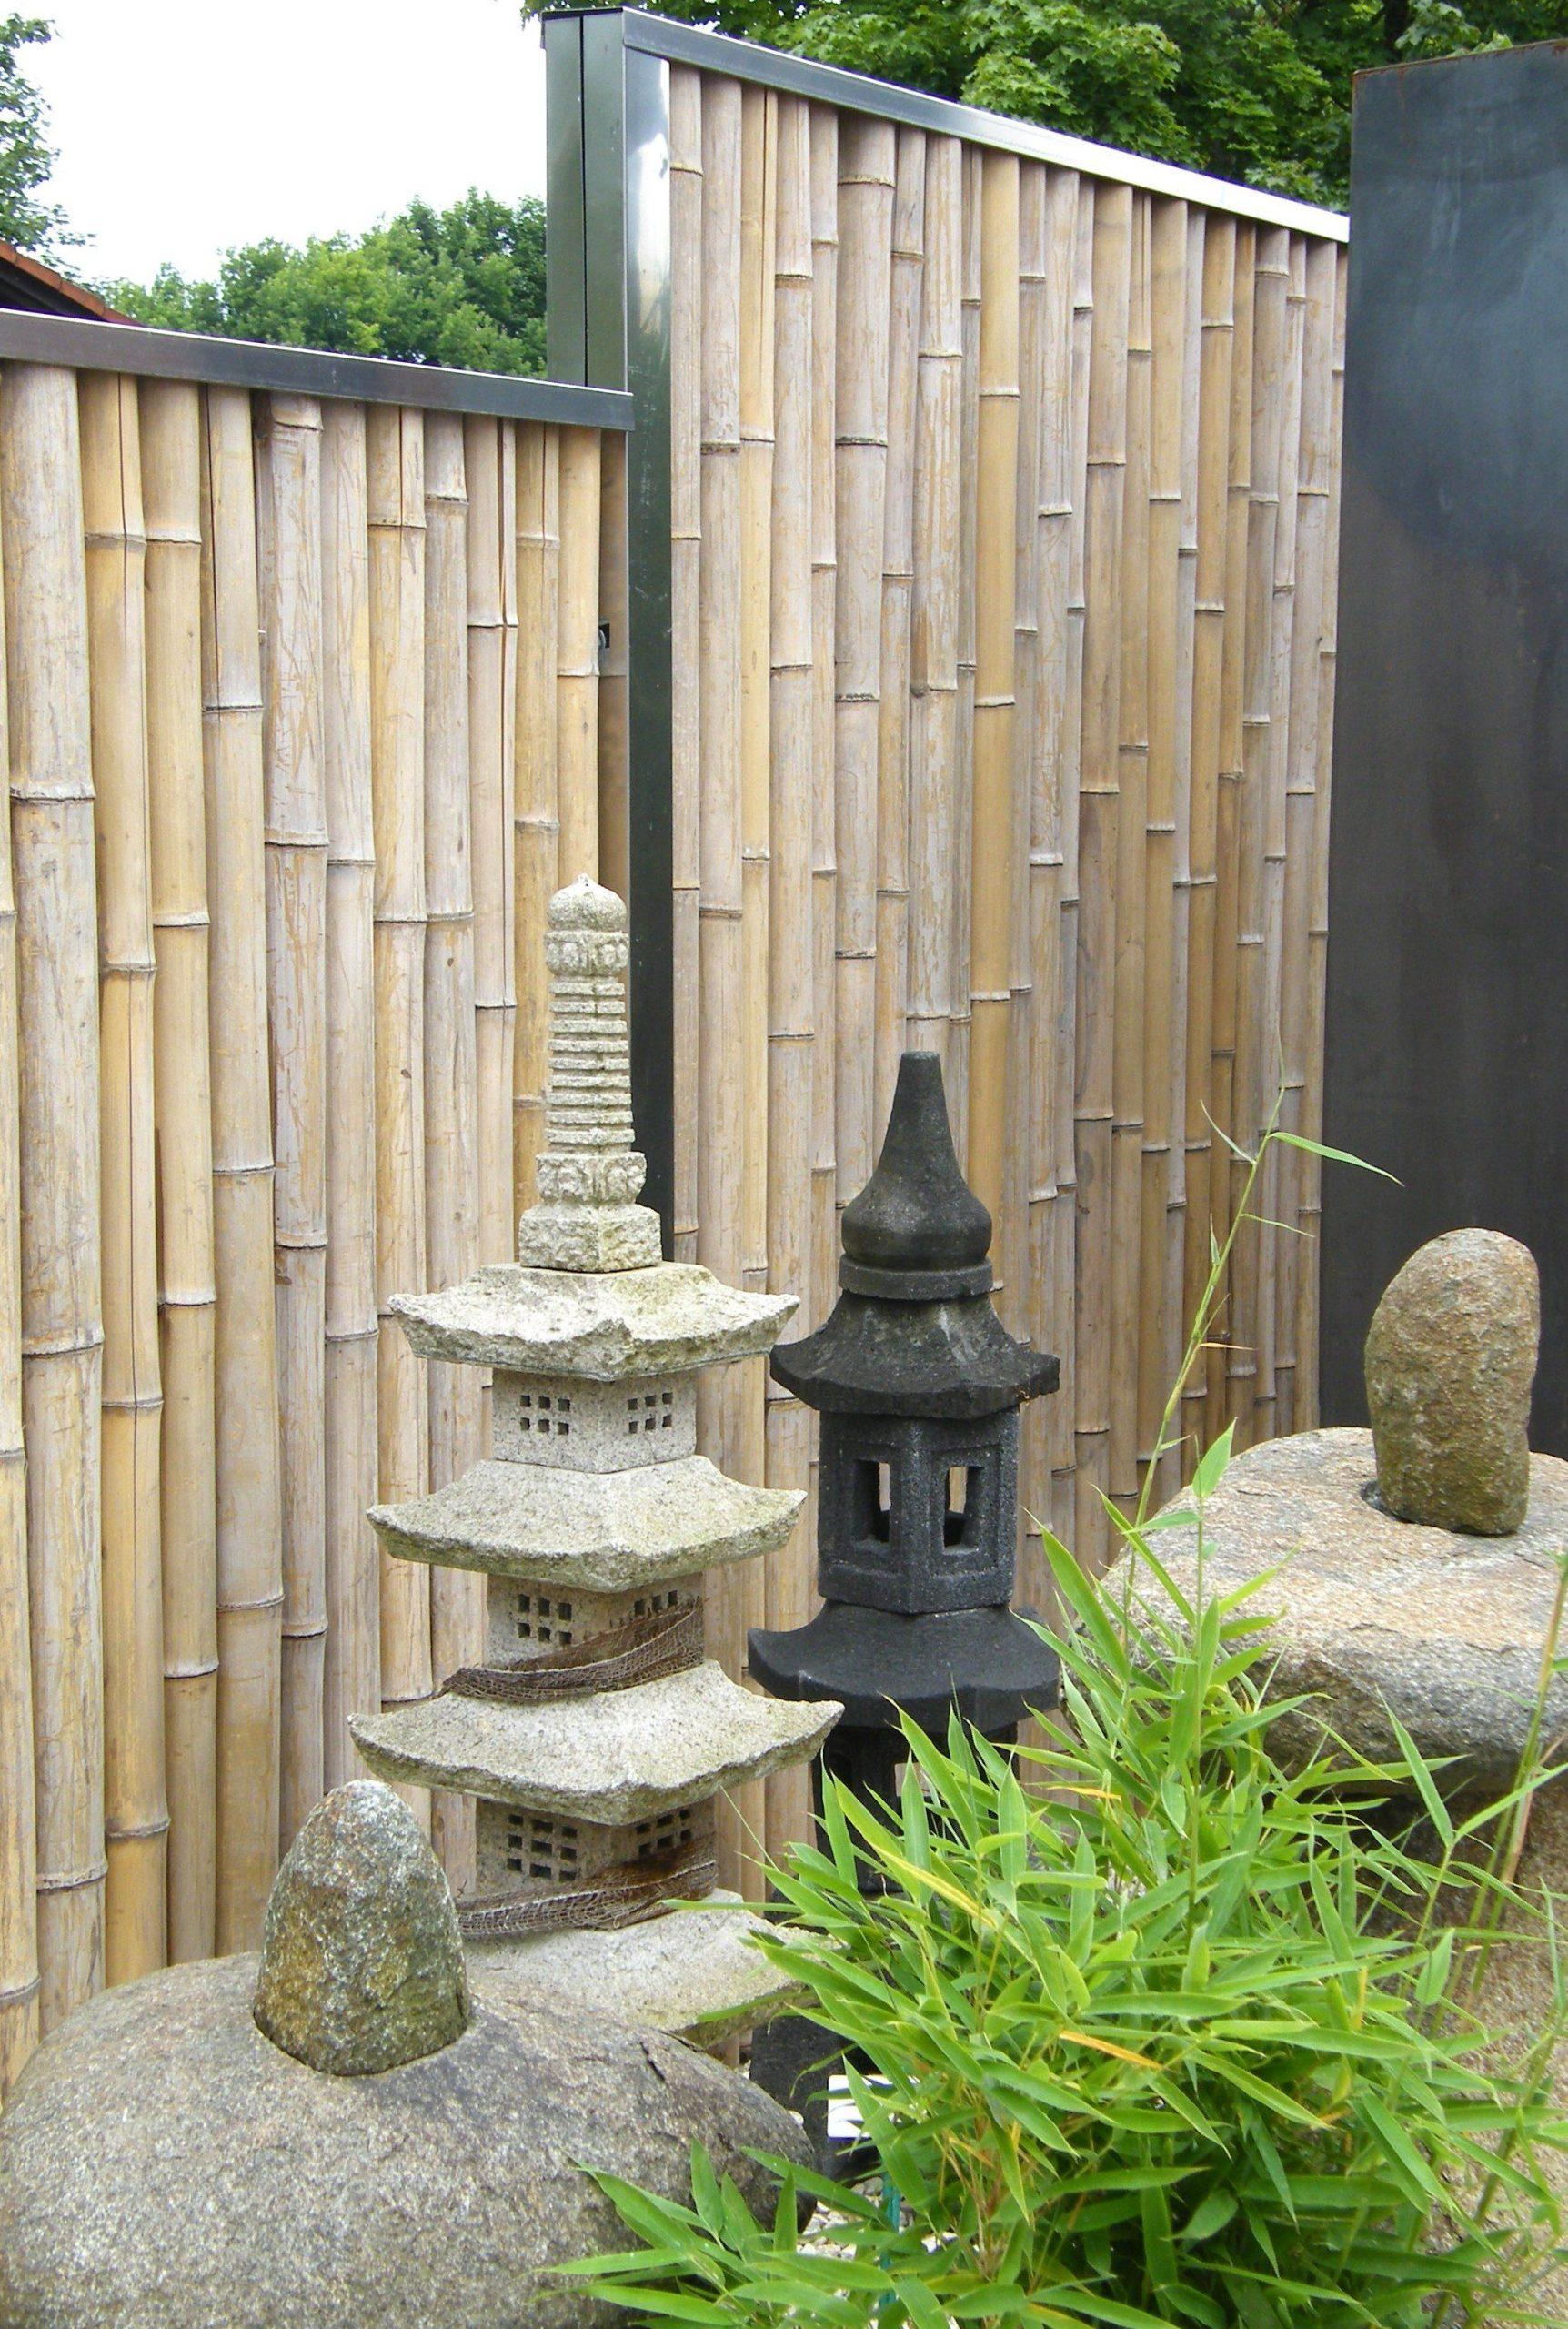 Full Size of Sichtschutz Für Garten Aus Bambus Fr Den Holzbank Trampolin Pavillion Beistelltisch Sichtschutzfolie Fenster Einseitig Durchsichtig Lounge Möbel Garten Sichtschutz Für Garten